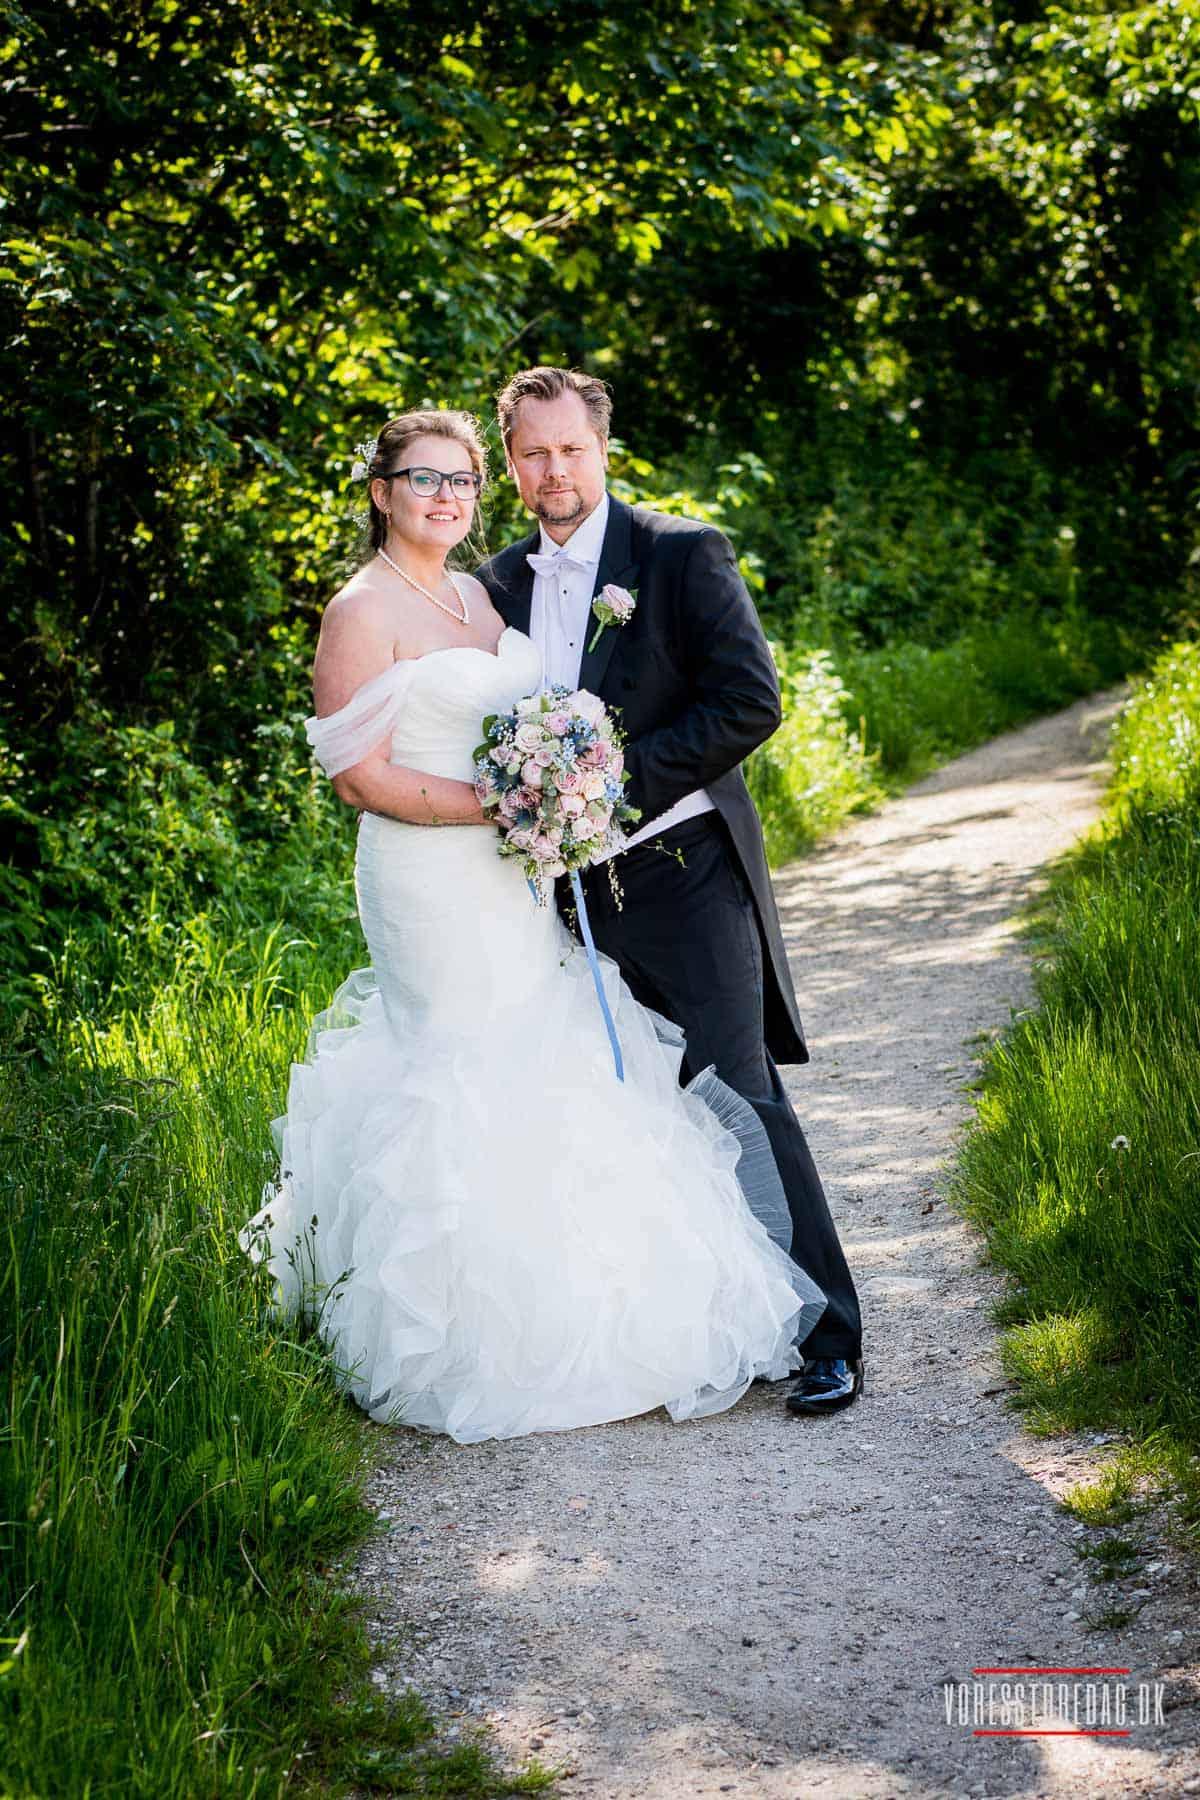 Bryllupsfest i Nordsjælland - smukke omgivelser til bryllupsfest